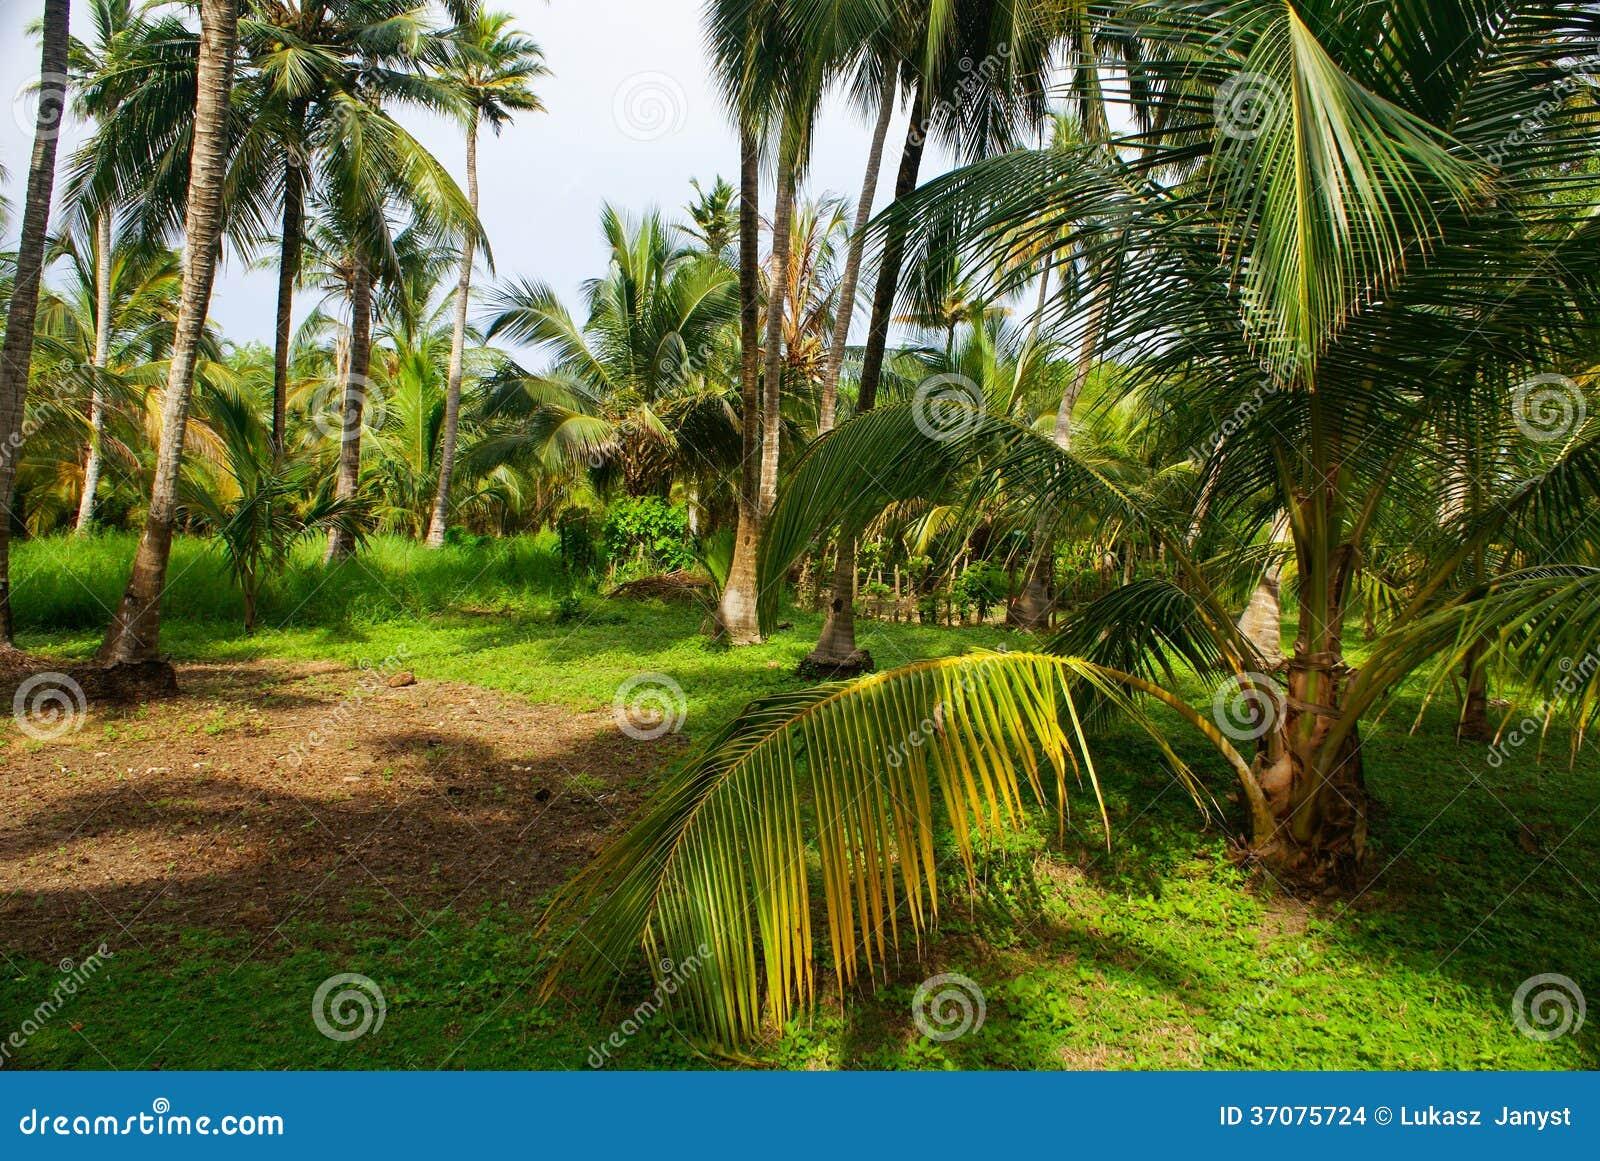 Download Zielony Palmowy Las W Kolumbijskiej Wyspie Mucura Zdjęcie Stock - Obraz złożonej z koks, caribbean: 37075724